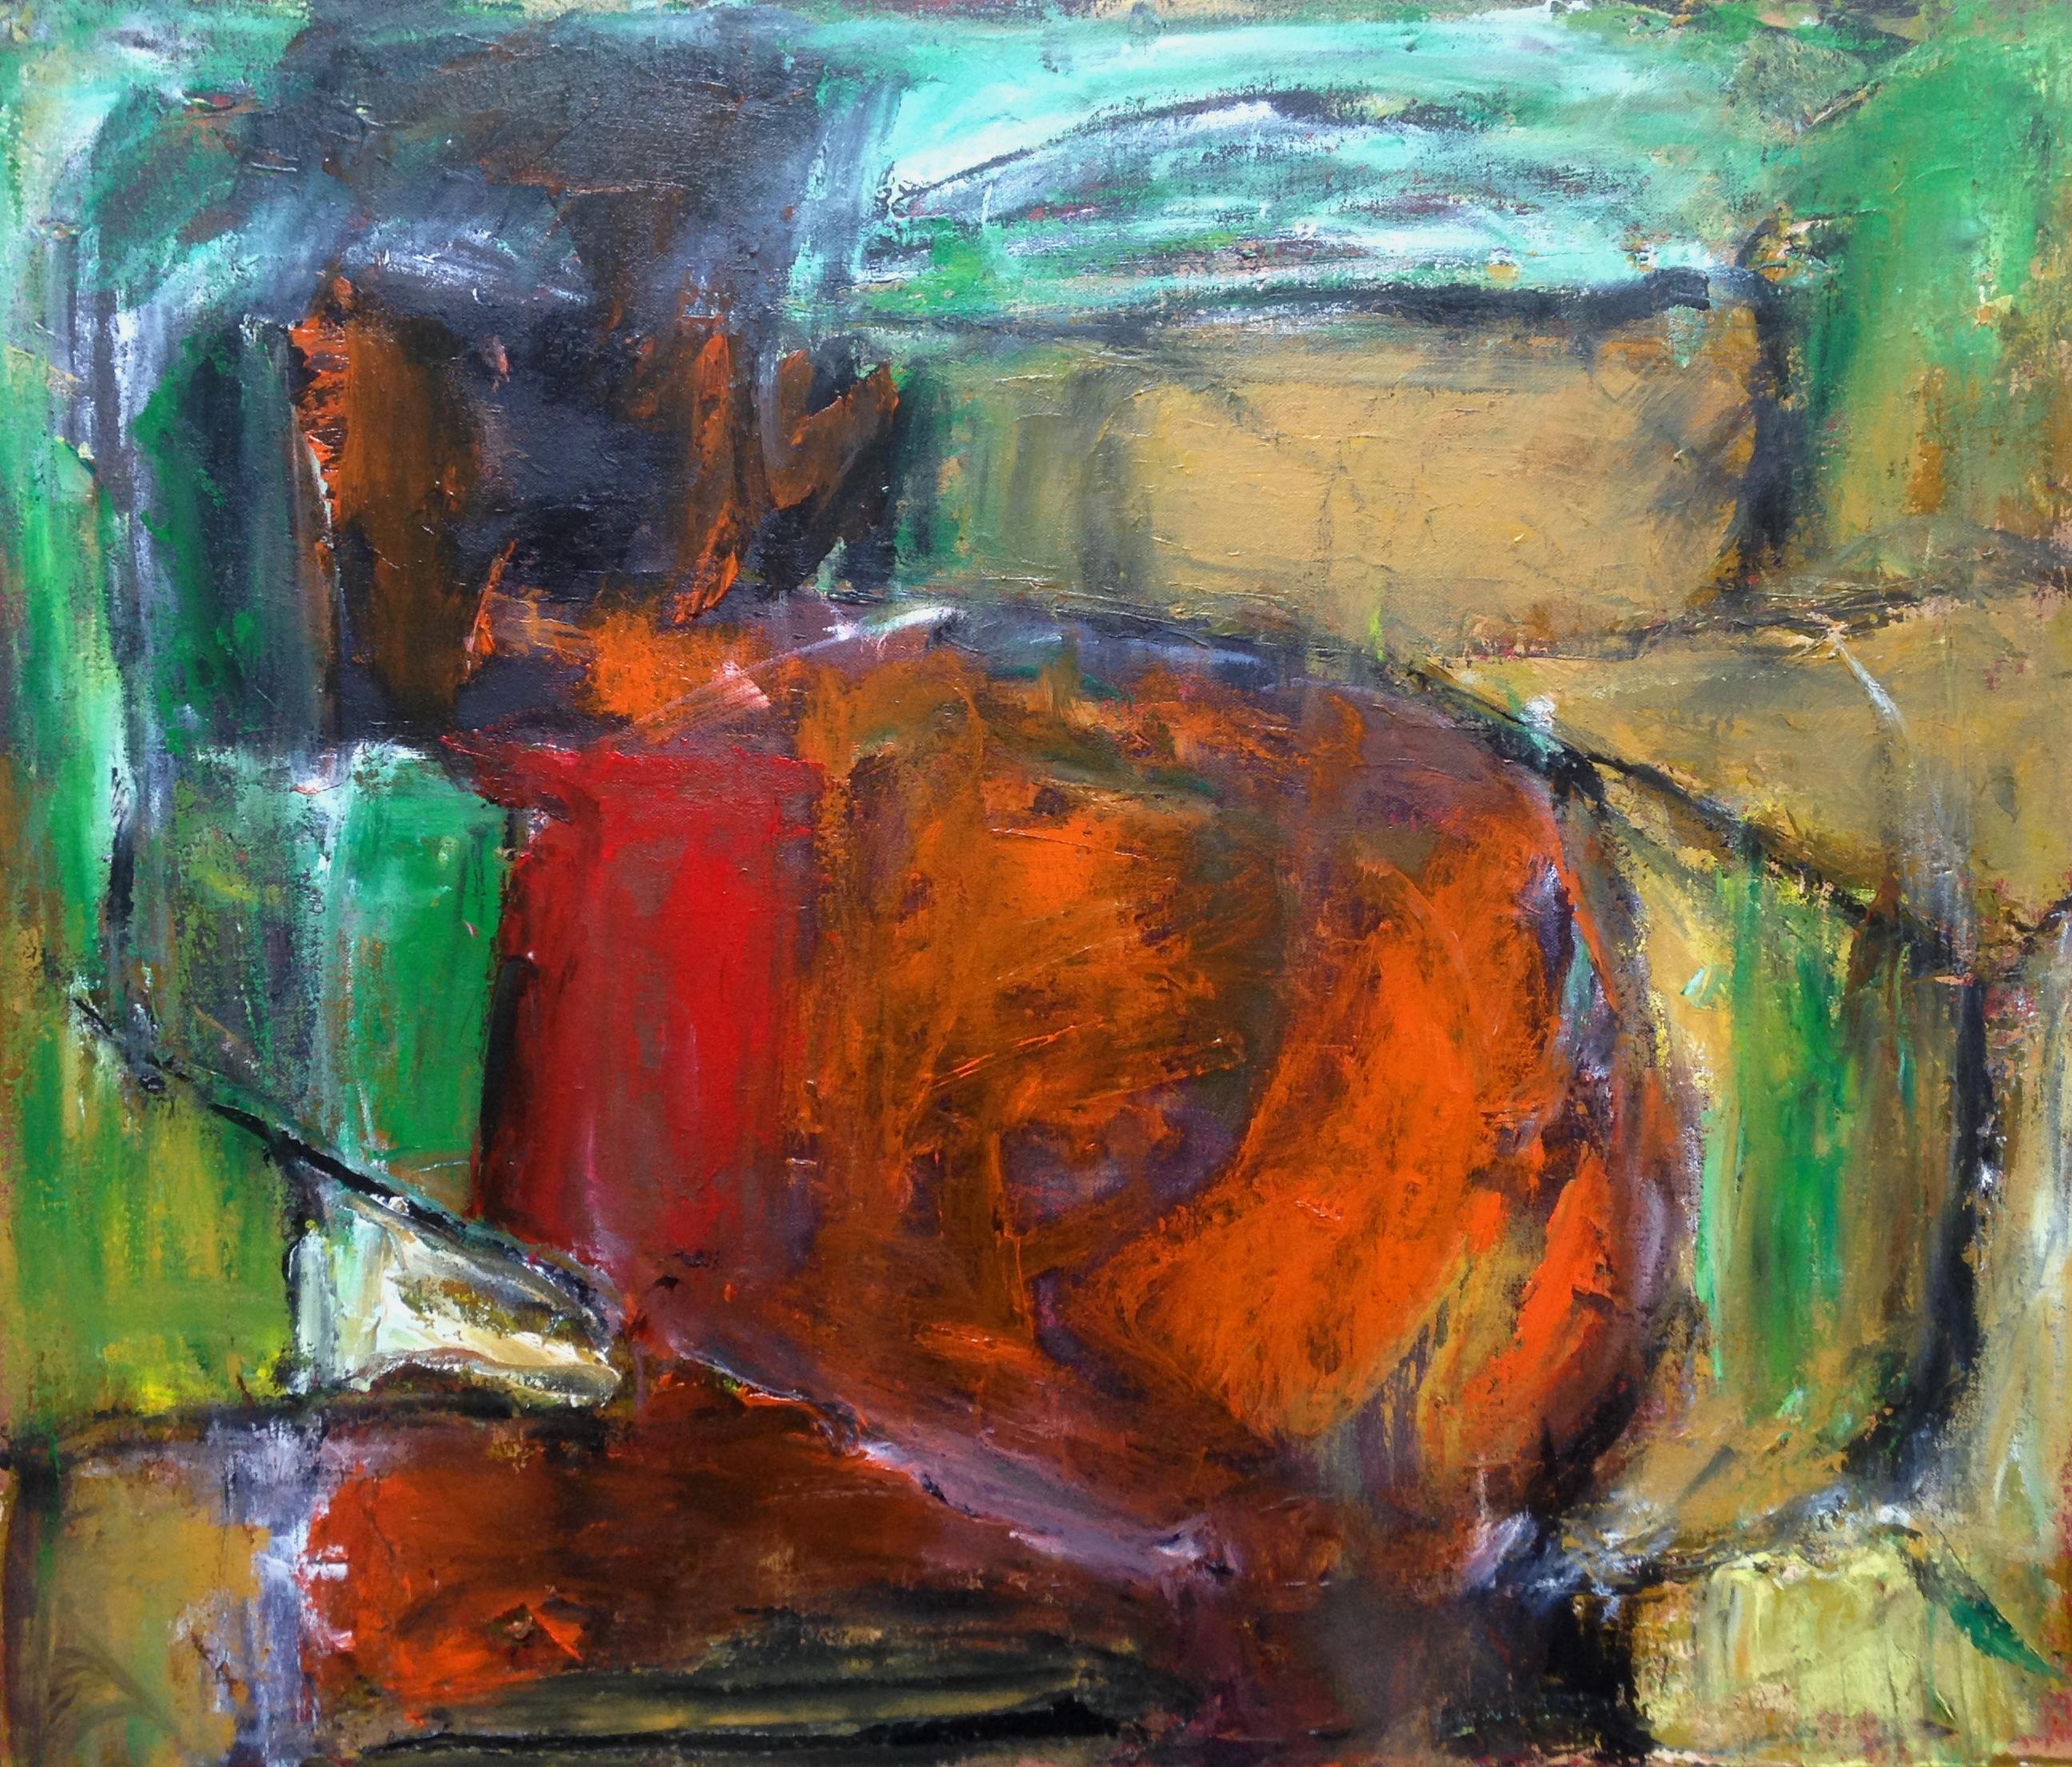 Sacrifice - Oil on canvas 66x56cm